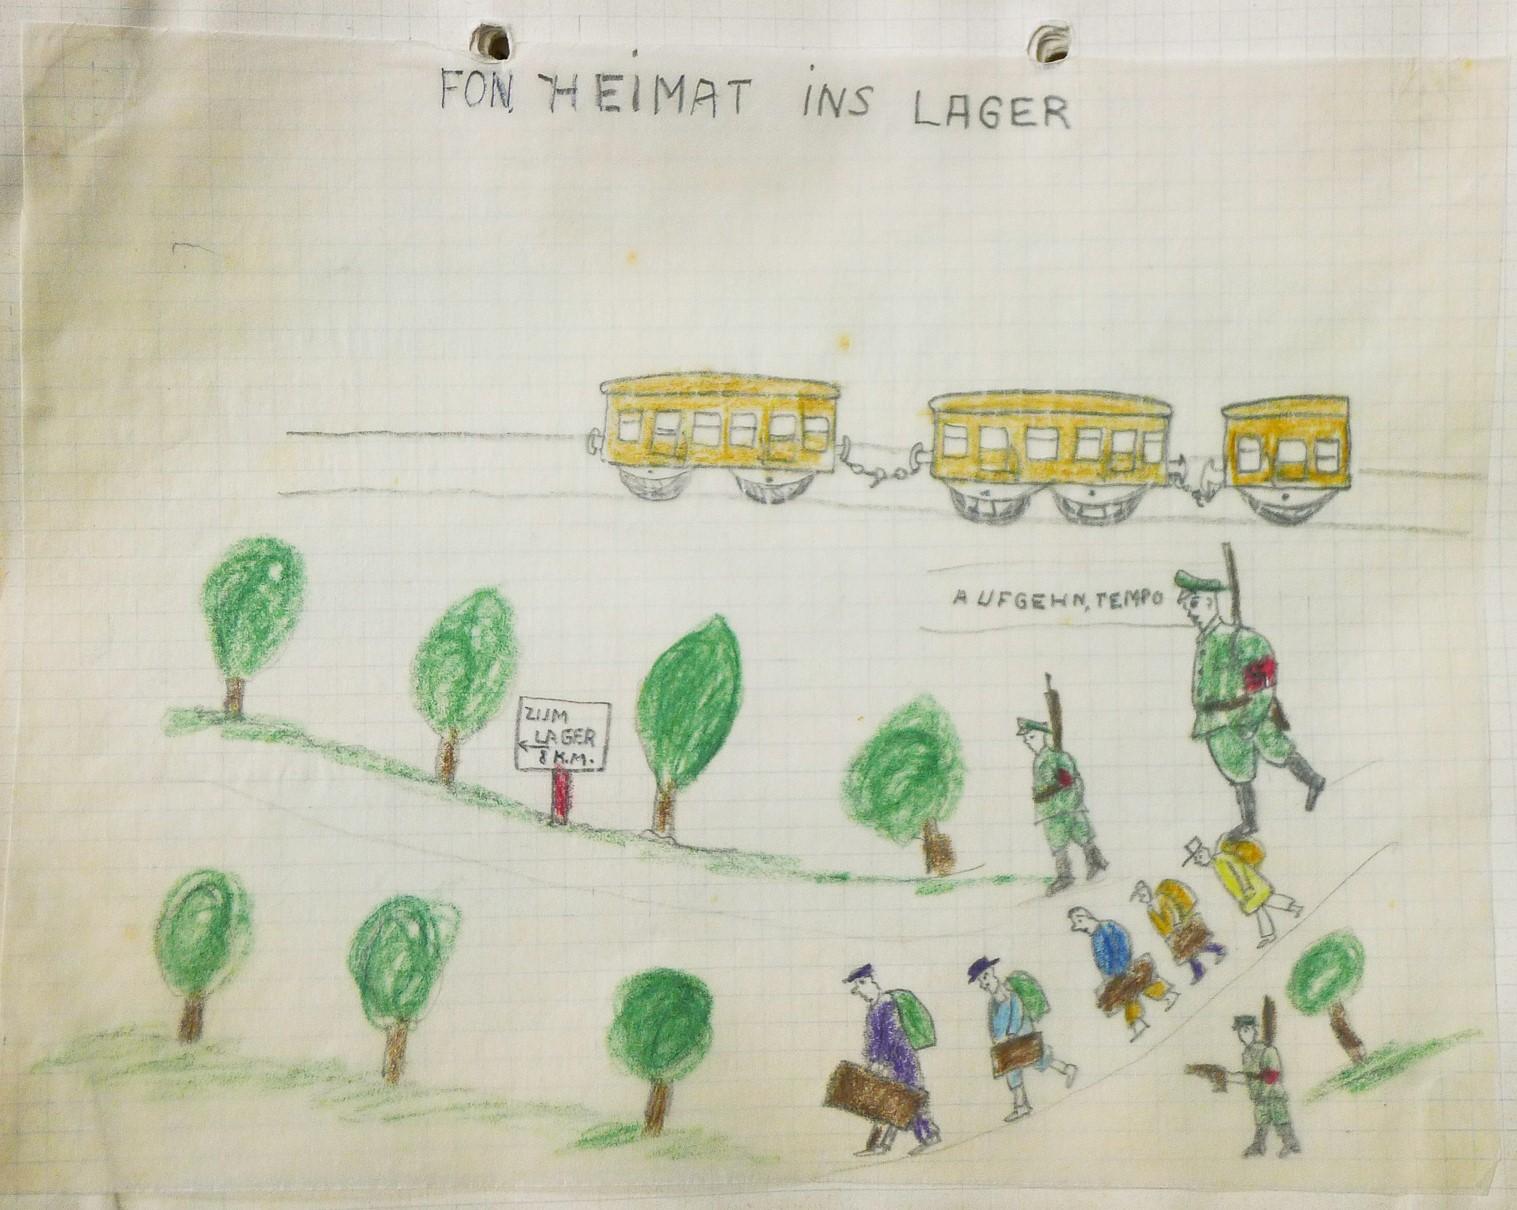 «Fon Heimat ins Lager», Zeichnung von Kalman Landau, 1945 Archiv für Zeitgeschichte ETH Zürich: Biografien und Sachthemen/78